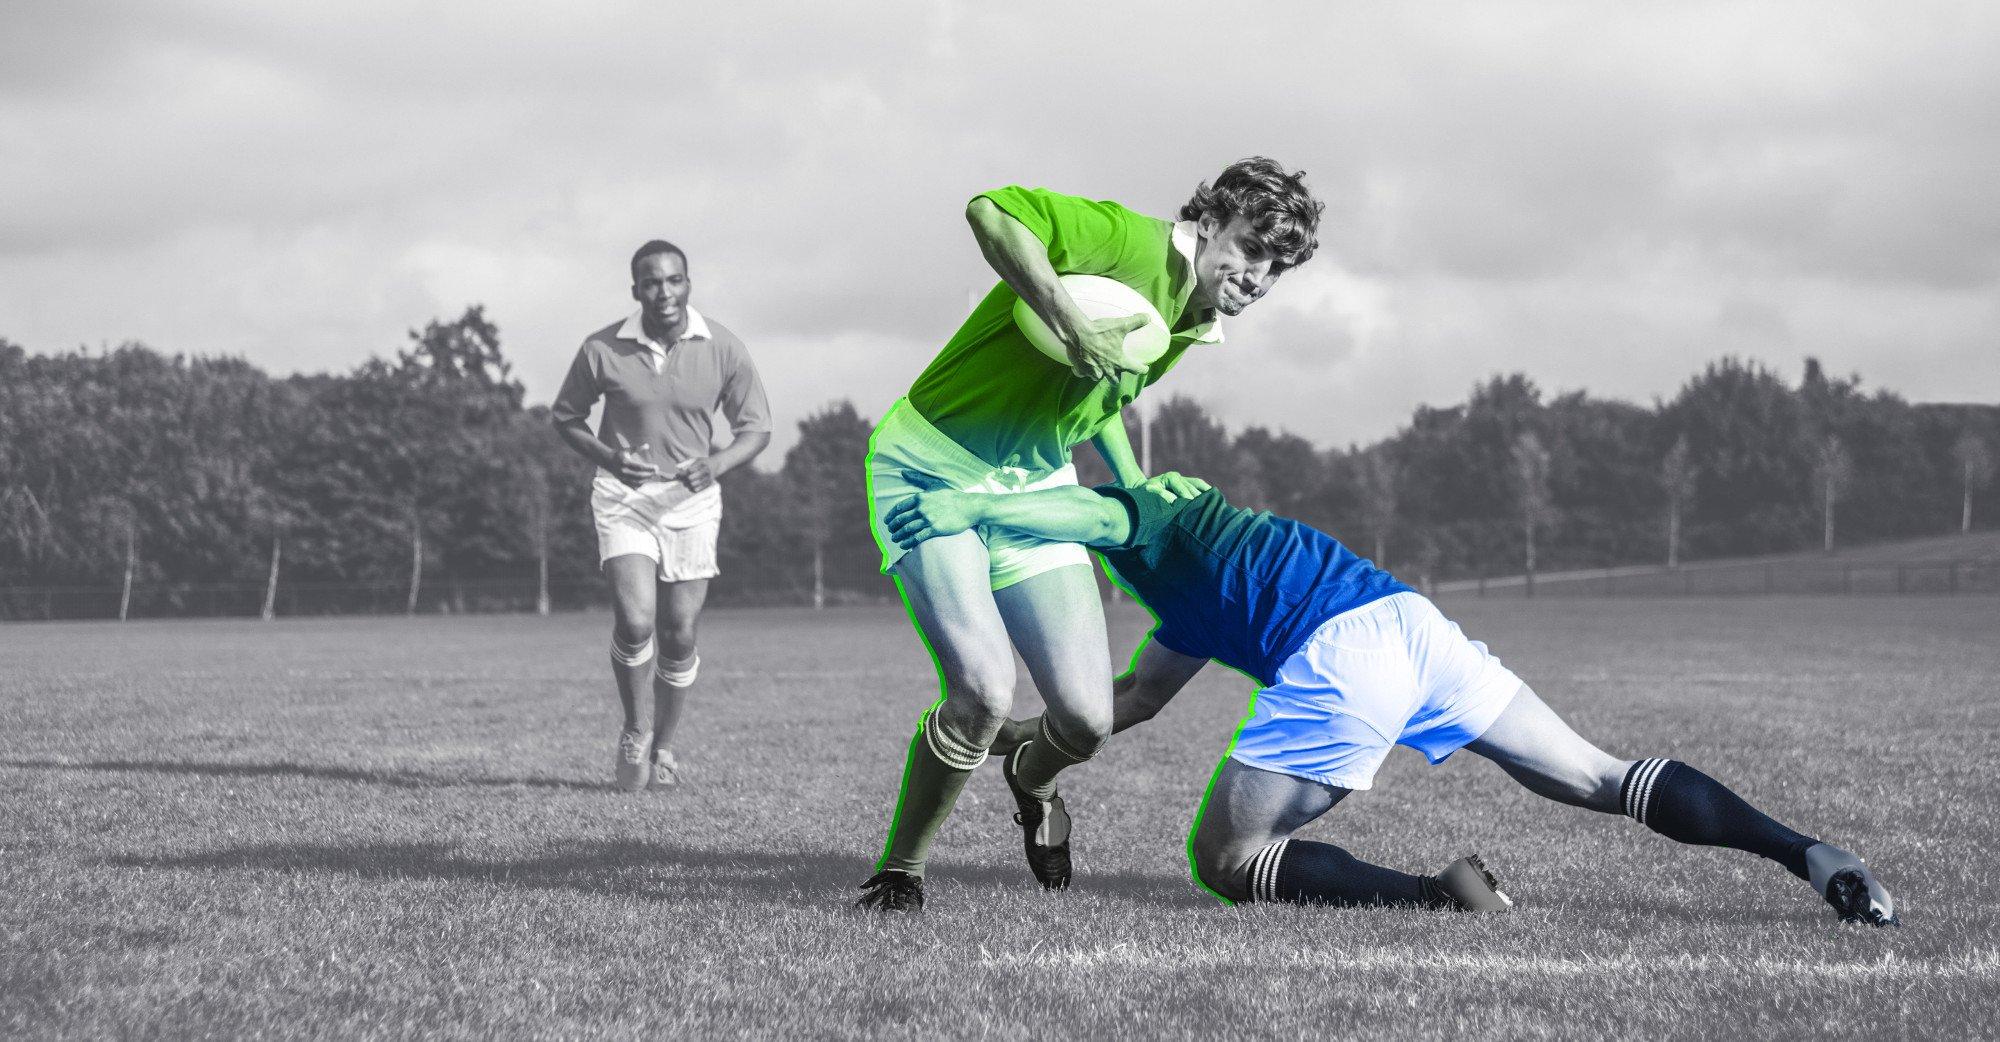 Lutter contre les douleurs, gênes et douleurs liées au rugby